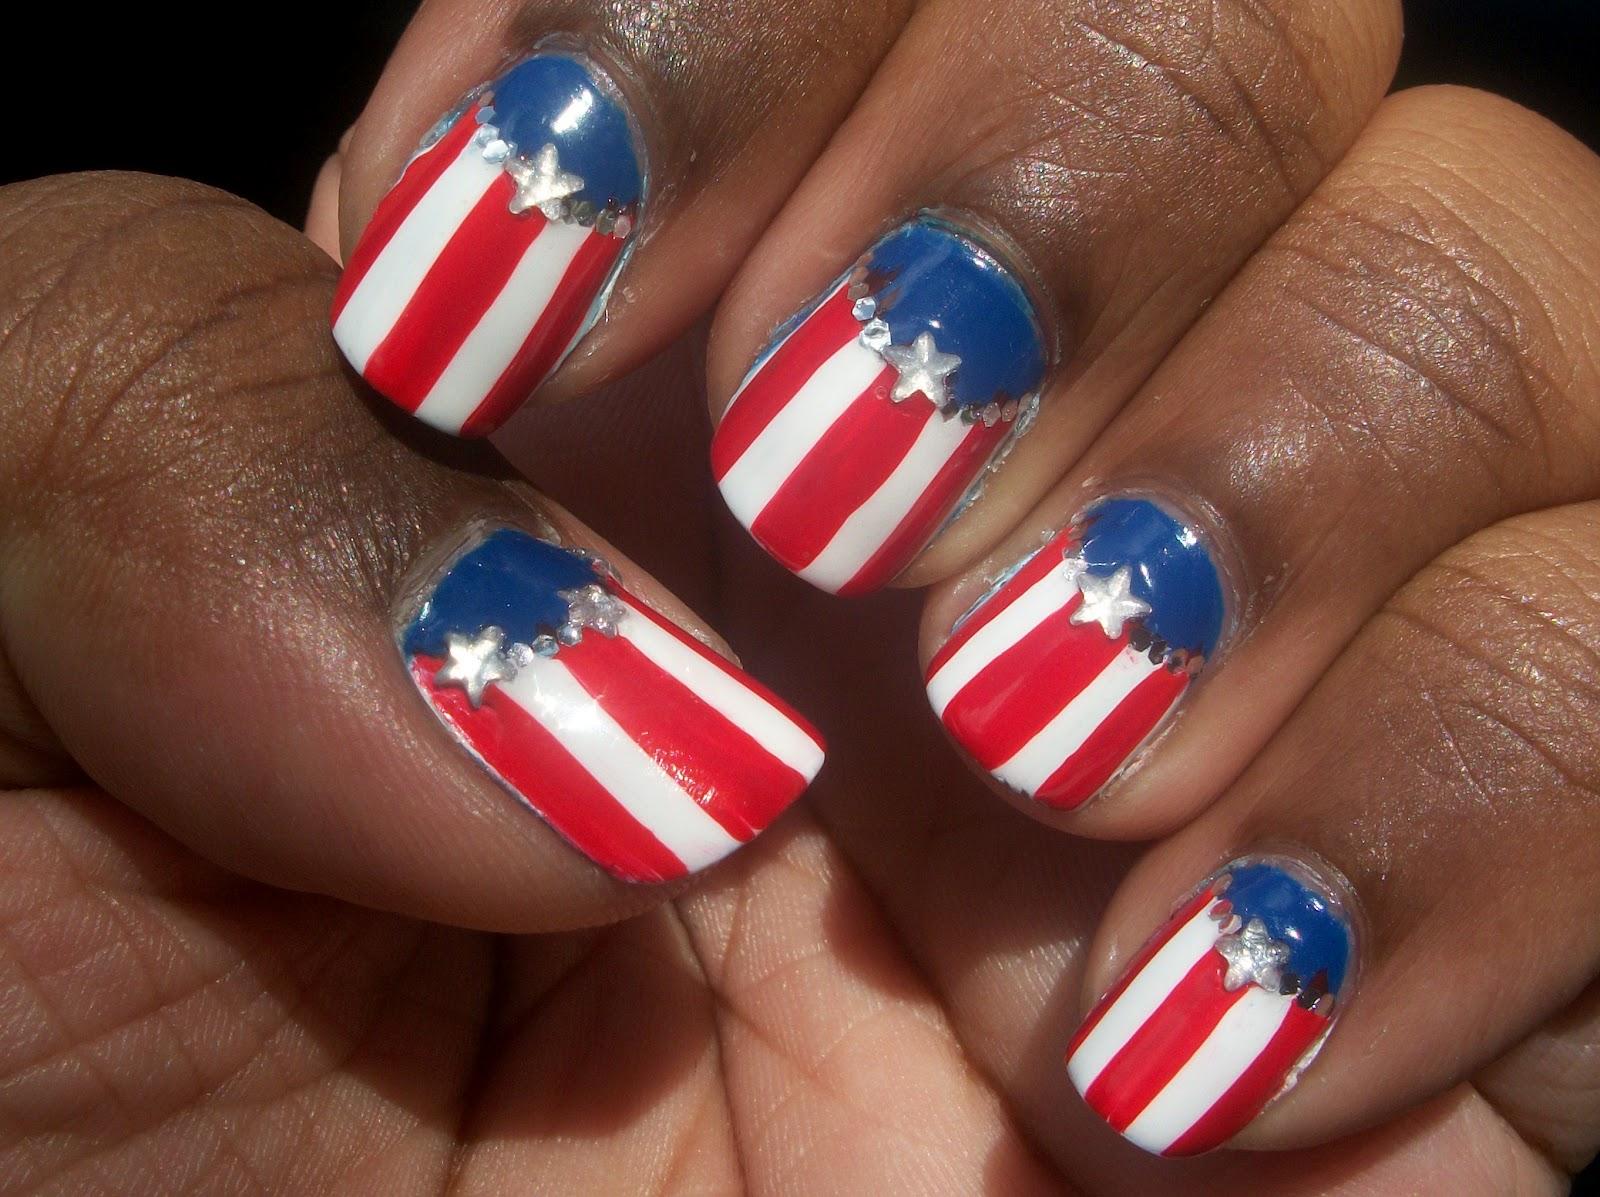 Nail Design July 4th 2015